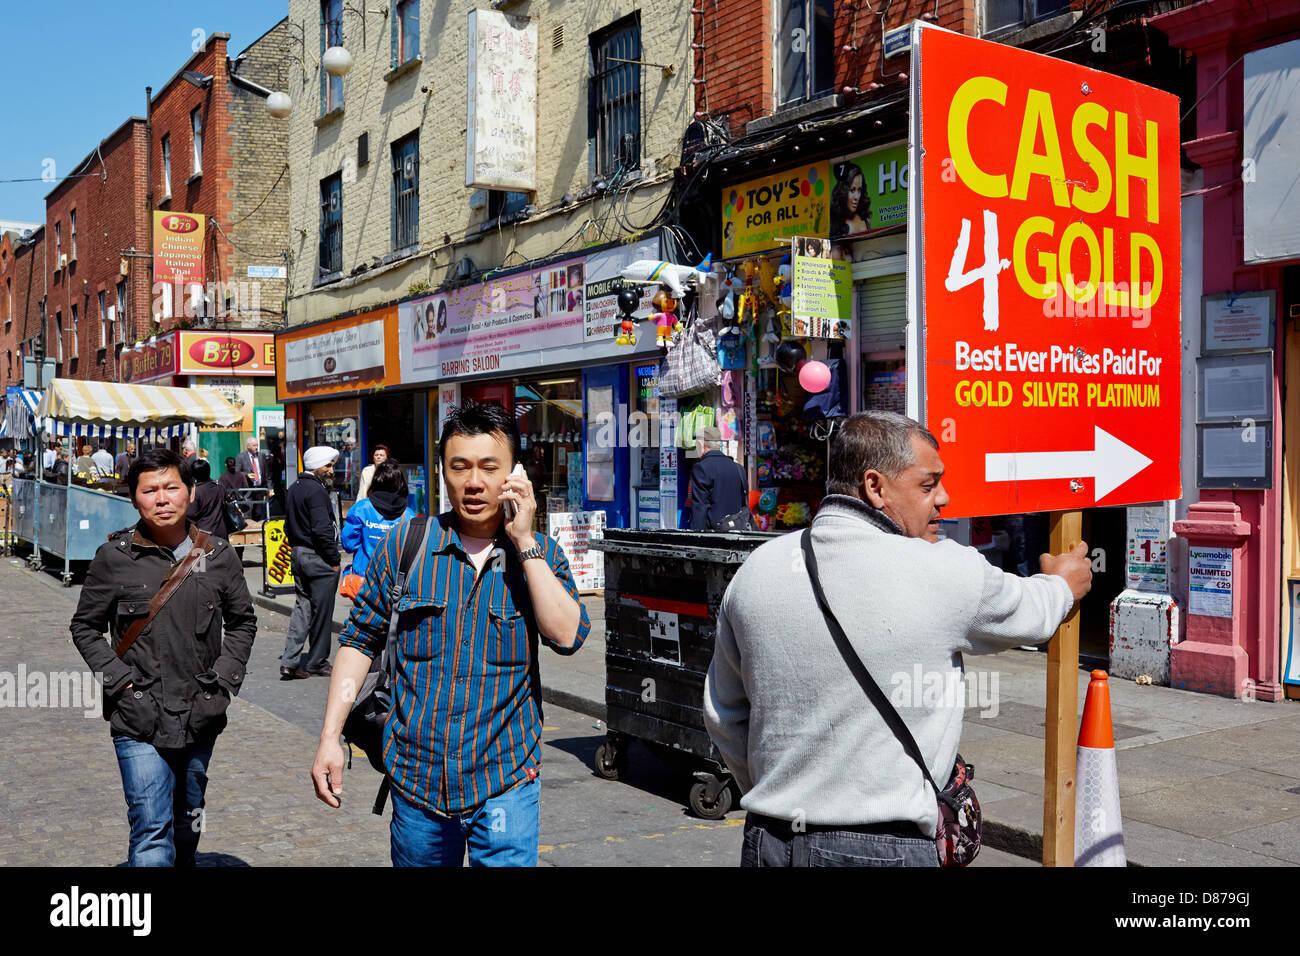 Man holding placard publicité de l'argent pour l'or pendant la récession économique en 2013. Moore Street, Dublin, République d'Irlande. Banque D'Images